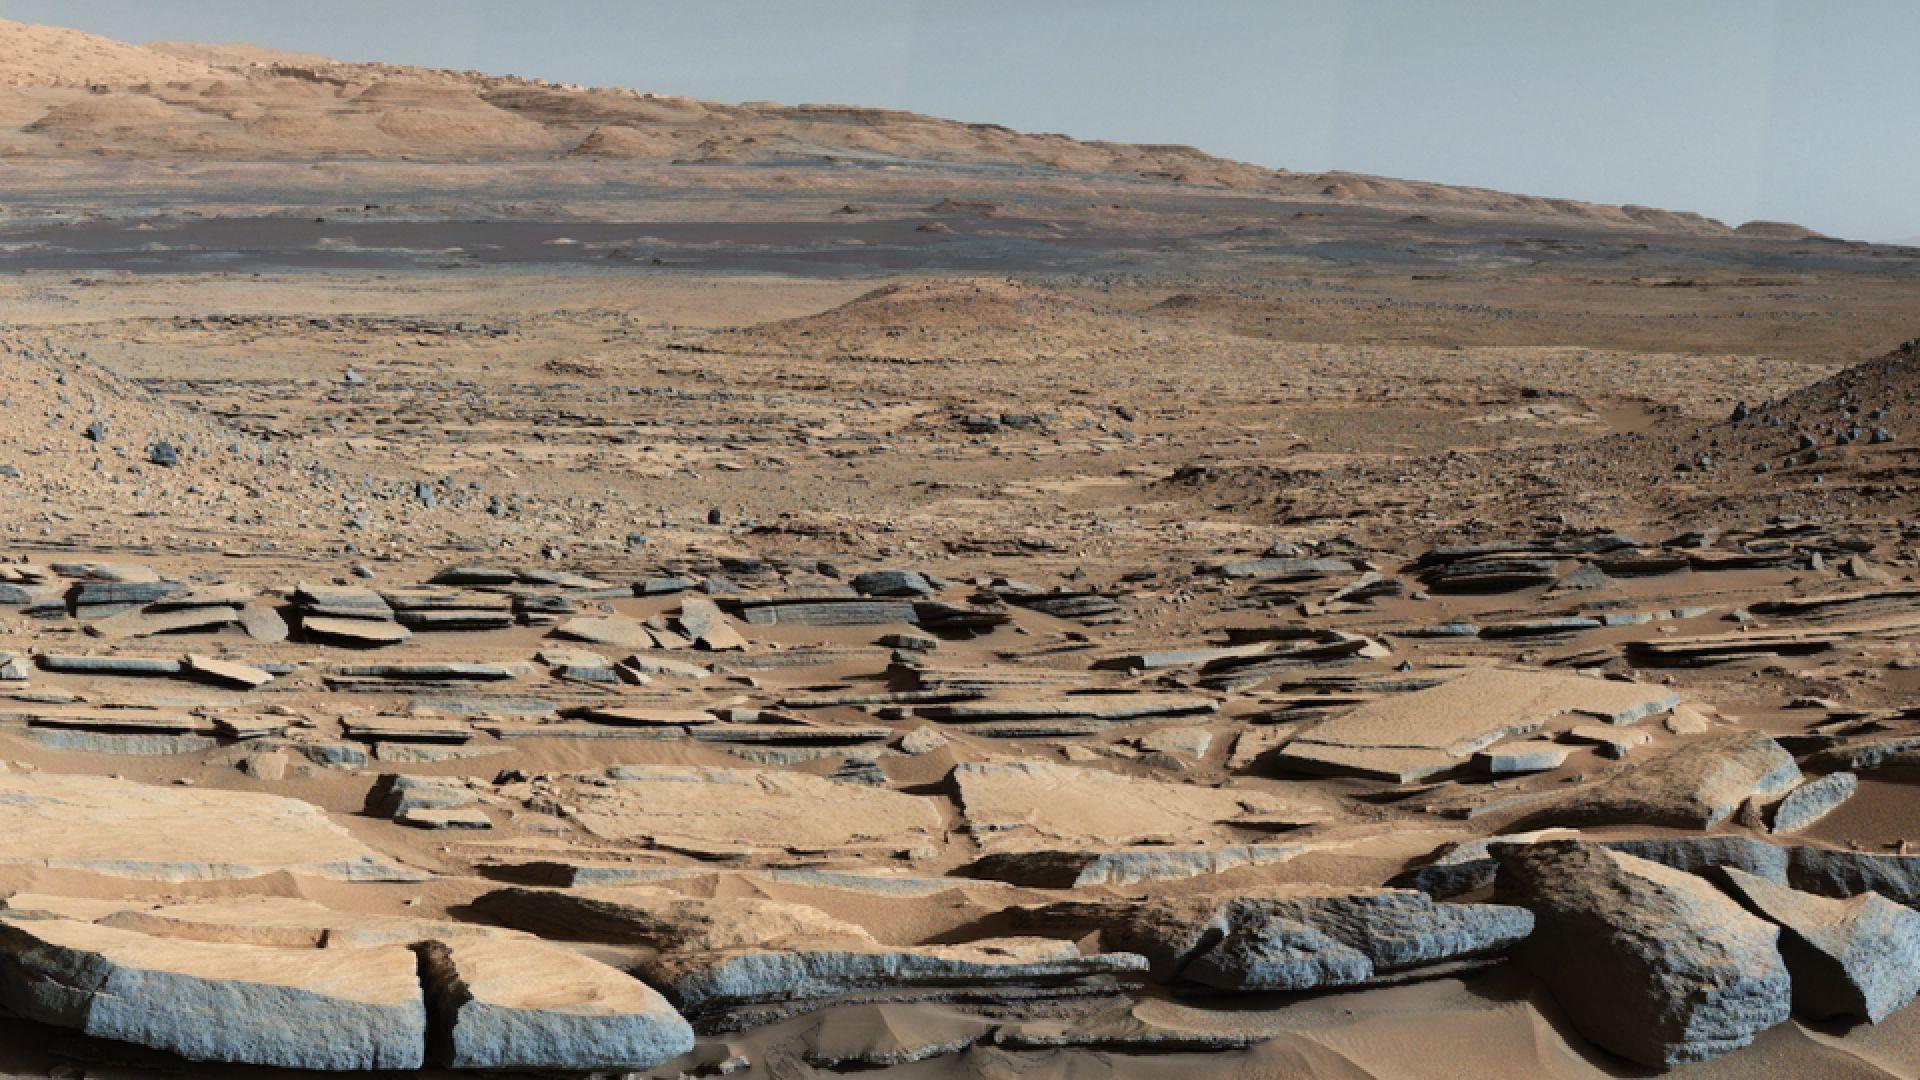 Български учен: До няколко години ще знаем дали има живот на Марс